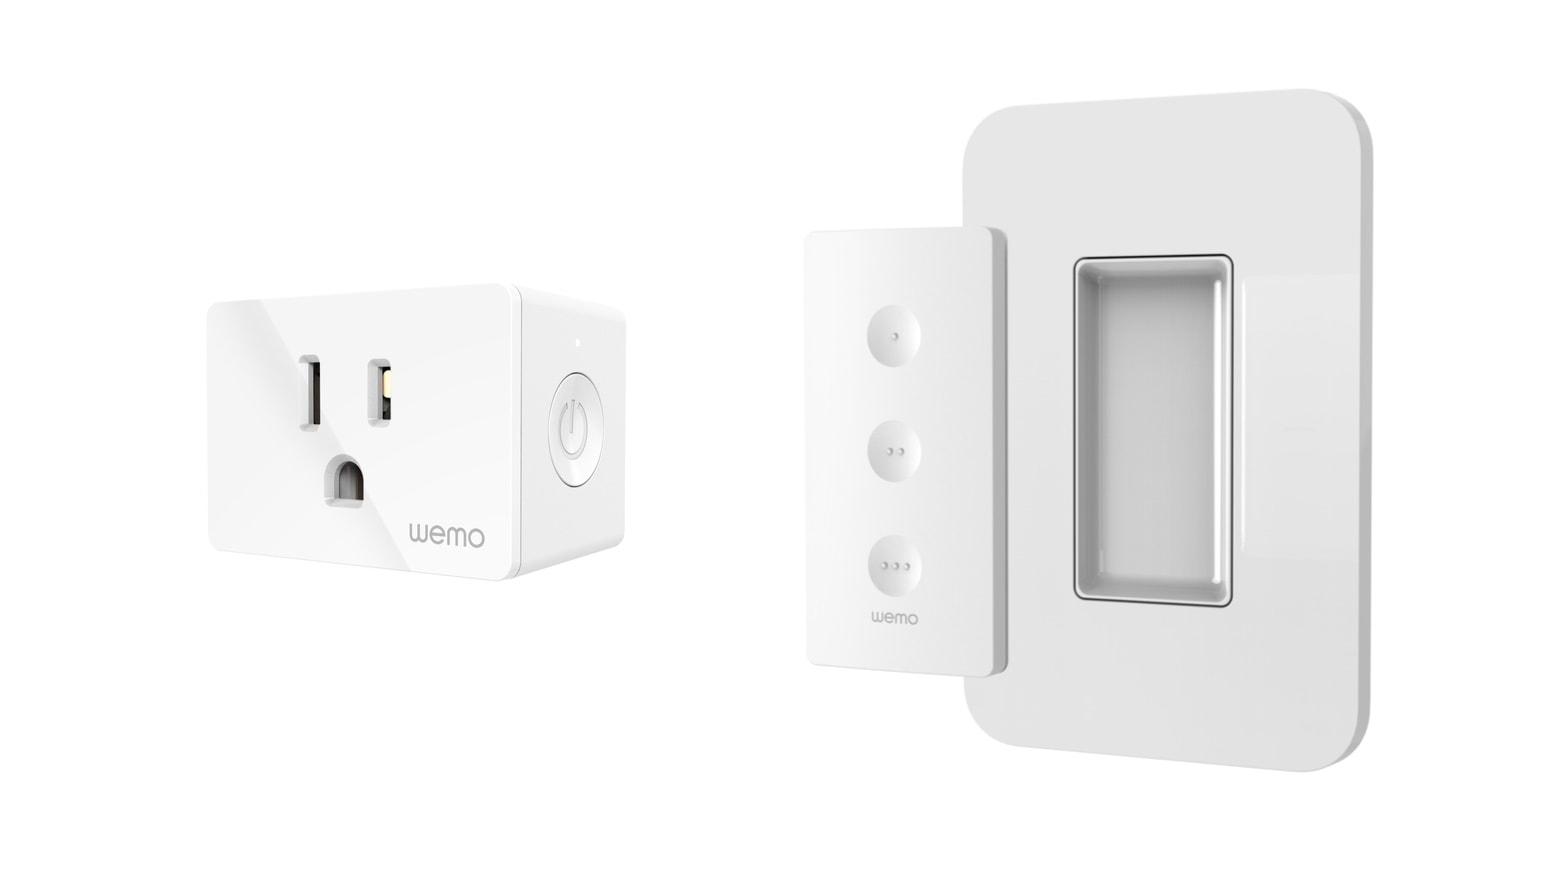 The Wemo WiFi Smart Plug both support HomeKit